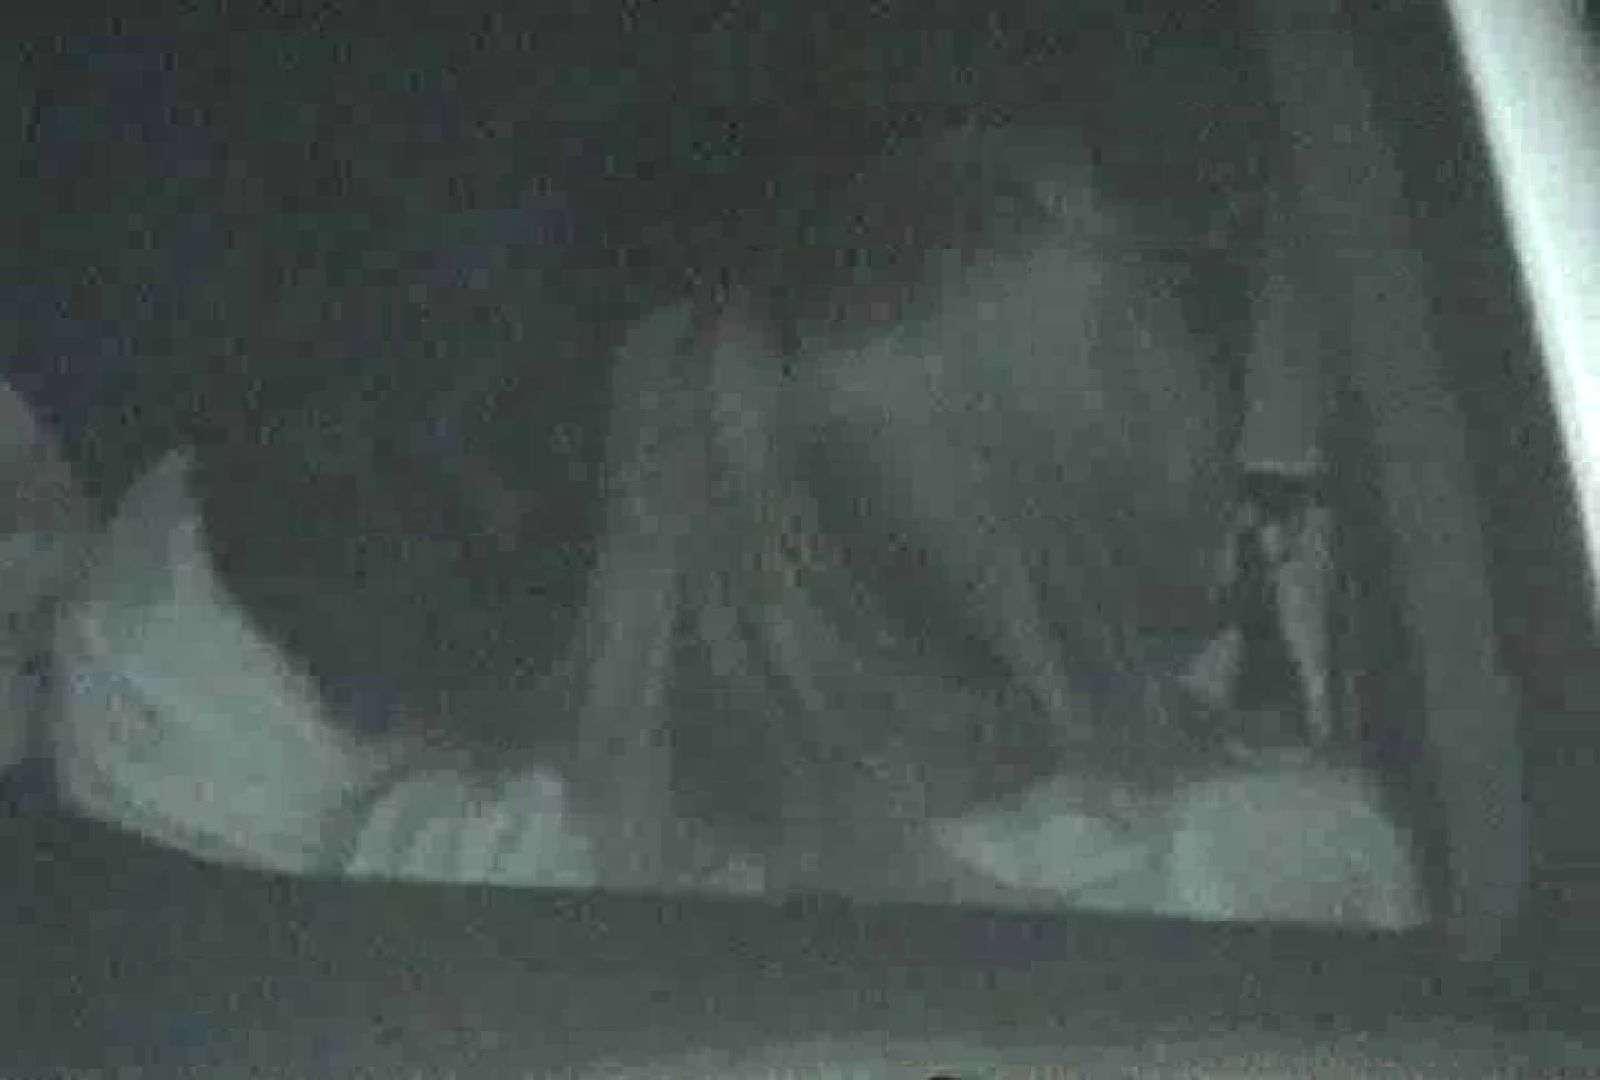 充血監督の深夜の運動会Vol.69 お姉さんのエッチ オメコ無修正動画無料 93PIX 90